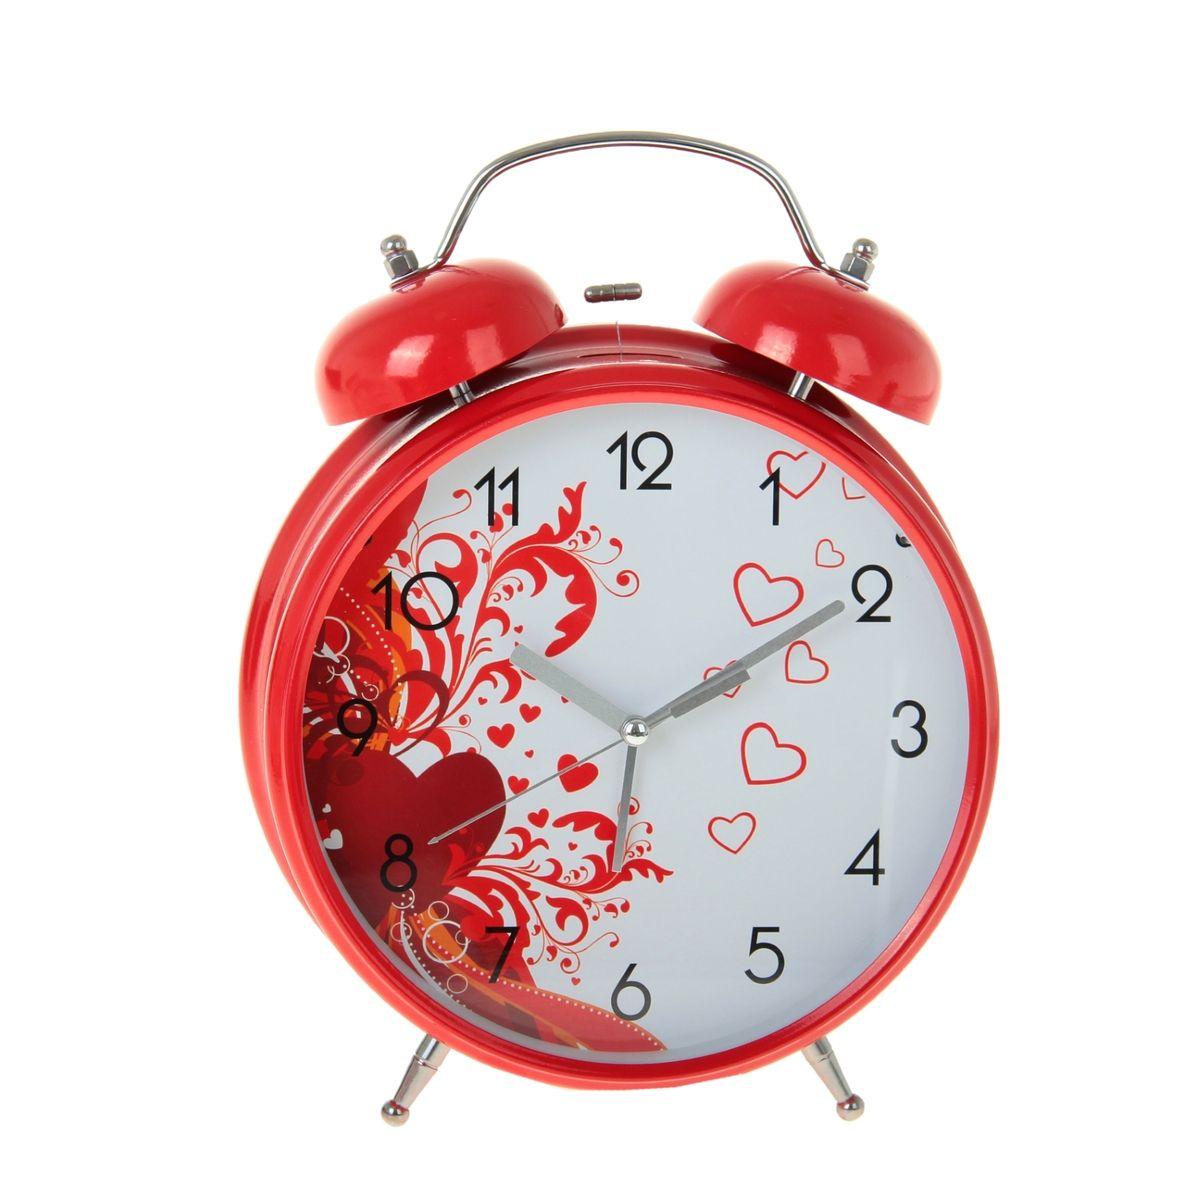 Часы-будильник Sima-land Ажурные сердца906619Как же сложно иногда вставать вовремя! Всегда так хочется поспать еще хотя бы 5 минут и бывает, что мы просыпаем. Теперь этого не случится! Яркий, оригинальный будильник Sima-land Ажурные сердца поможет вам всегда вставать в нужное время и успевать везде и всюду. Корпус будильника выполнен из металла. Циферблат имеет индикацию арабскими цифрами. Часы снабжены 4 стрелками (секундная, минутная, часовая и для будильника). На задней панели будильника расположен переключатель включения/выключения механизма, а также два колесика для настройки текущего времени и времени звонка будильника. Также будильник оснащен кнопкой, при нажатии которой подсвечивается циферблат. Пользоваться будильником очень легко: нужно всего лишь поставить батарейки, настроить точное время и установить время звонка. Необходимо докупить 3 батарейки типа АА (не входят в комплект).